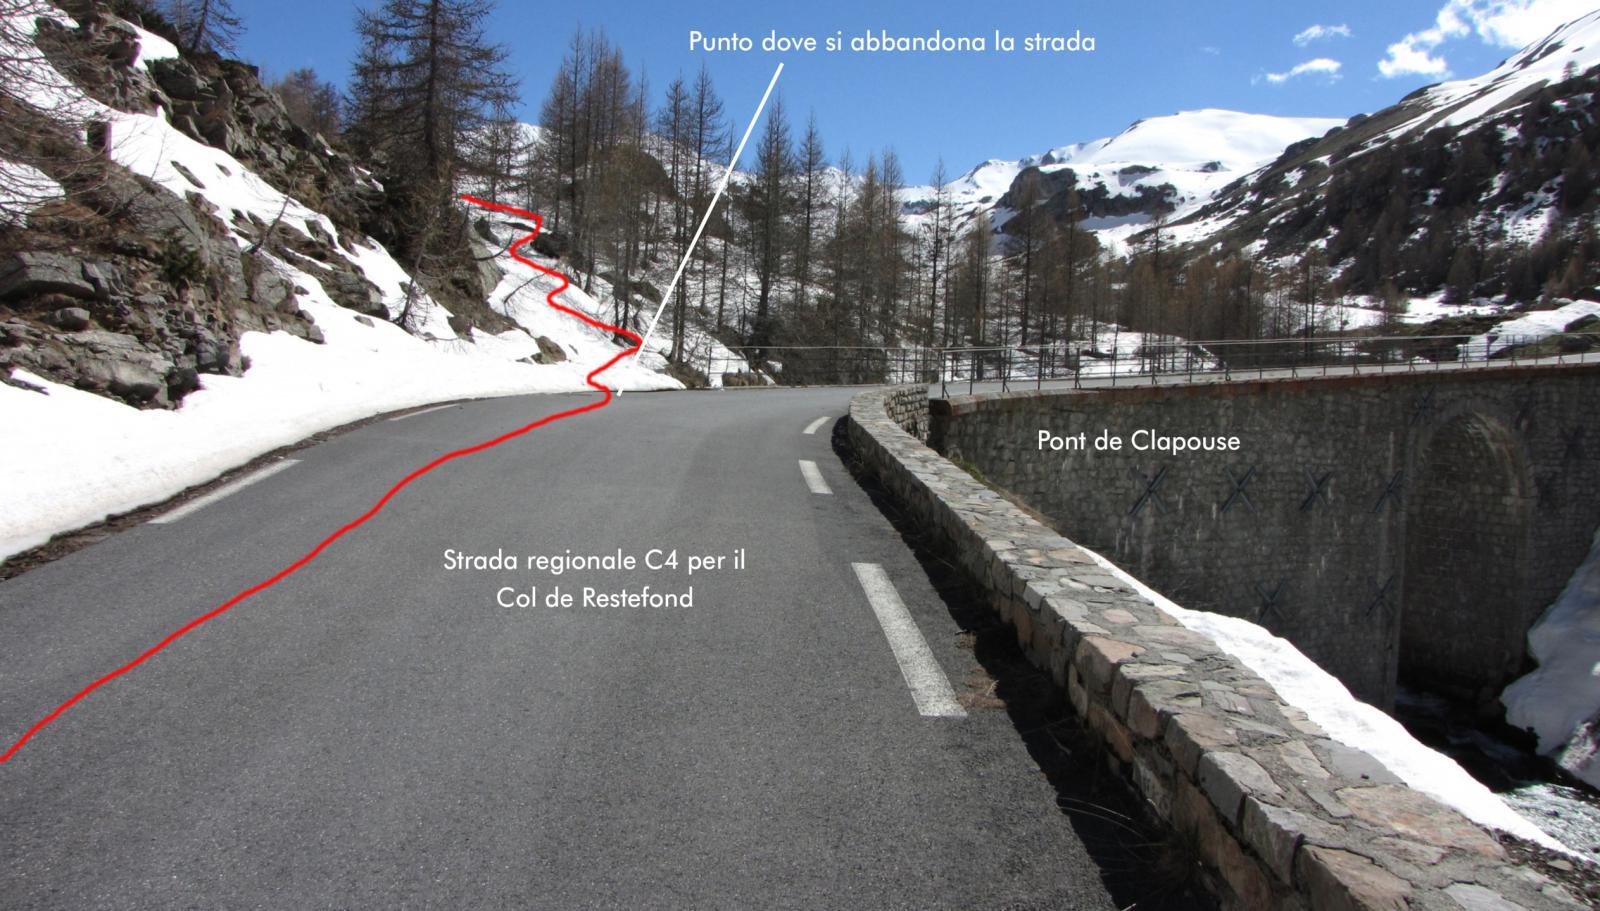 il punto dove occorre abbandonare la strada per il Col de Restefond